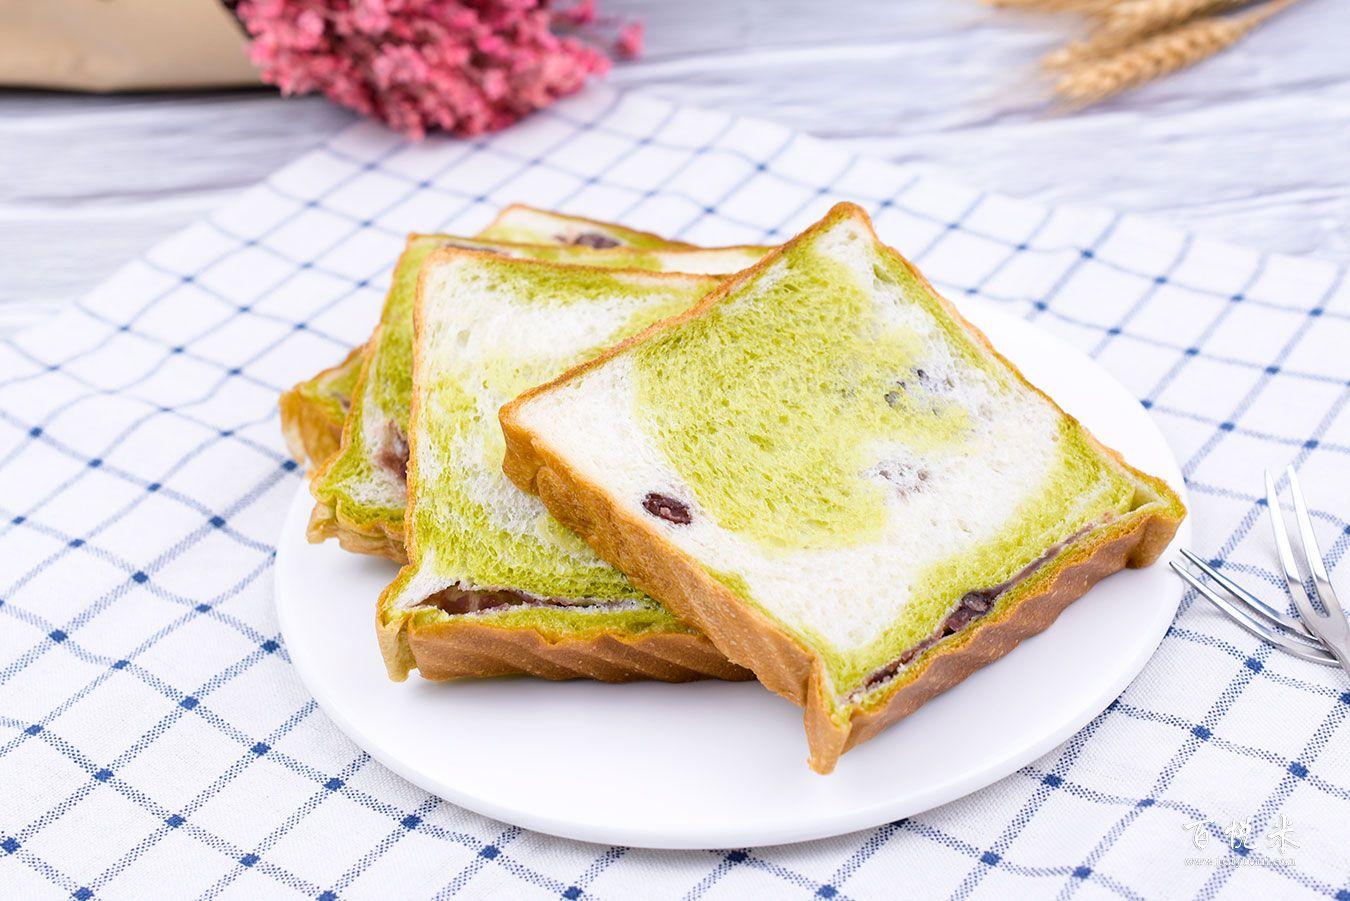 抹茶红豆吐司面包高清图片大全【蛋糕图片】_500